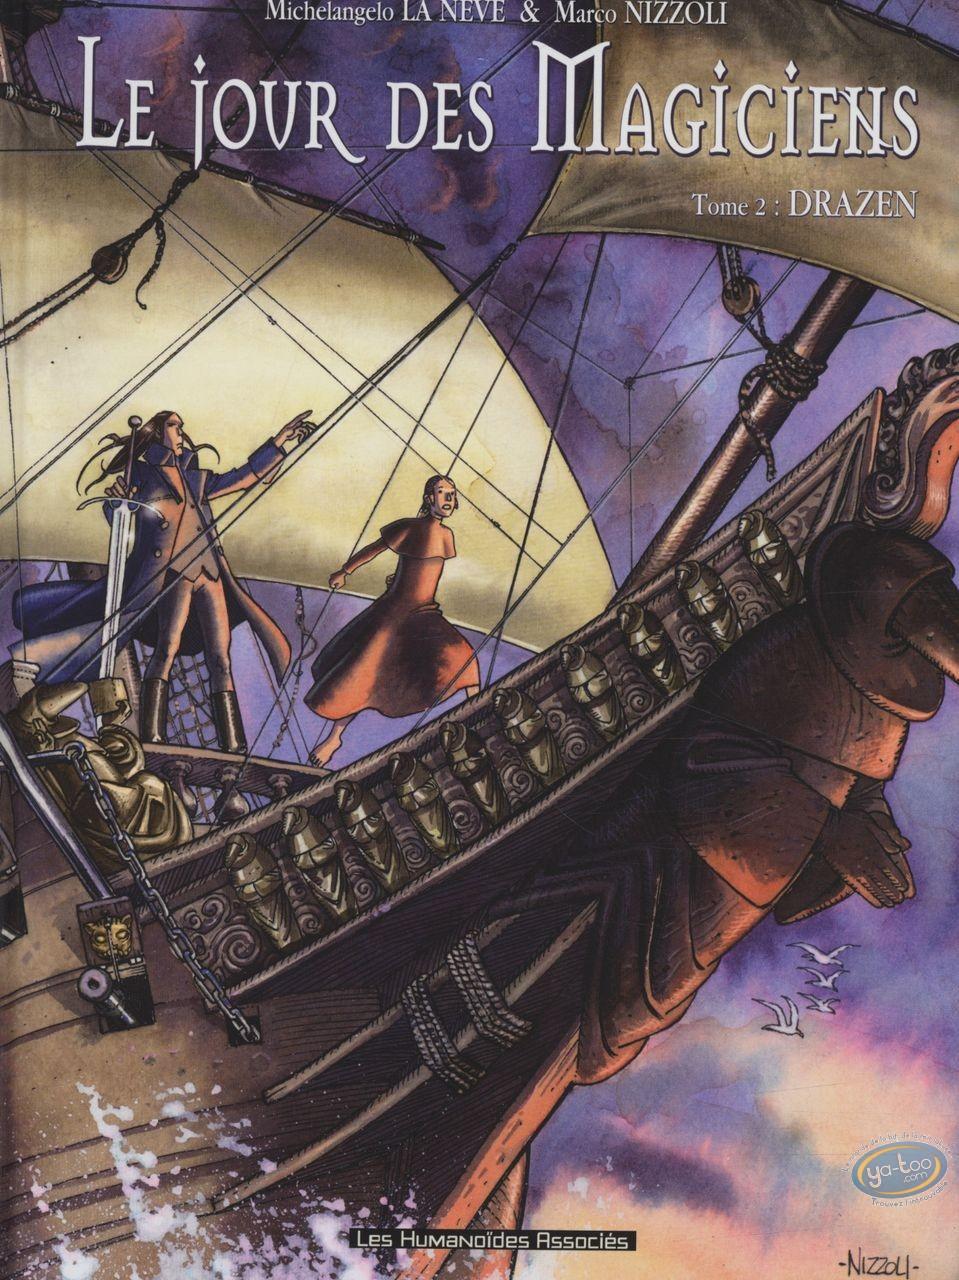 Used European Comic Books, Jour des Magiciens (Le) : Tome 2 - Drazen